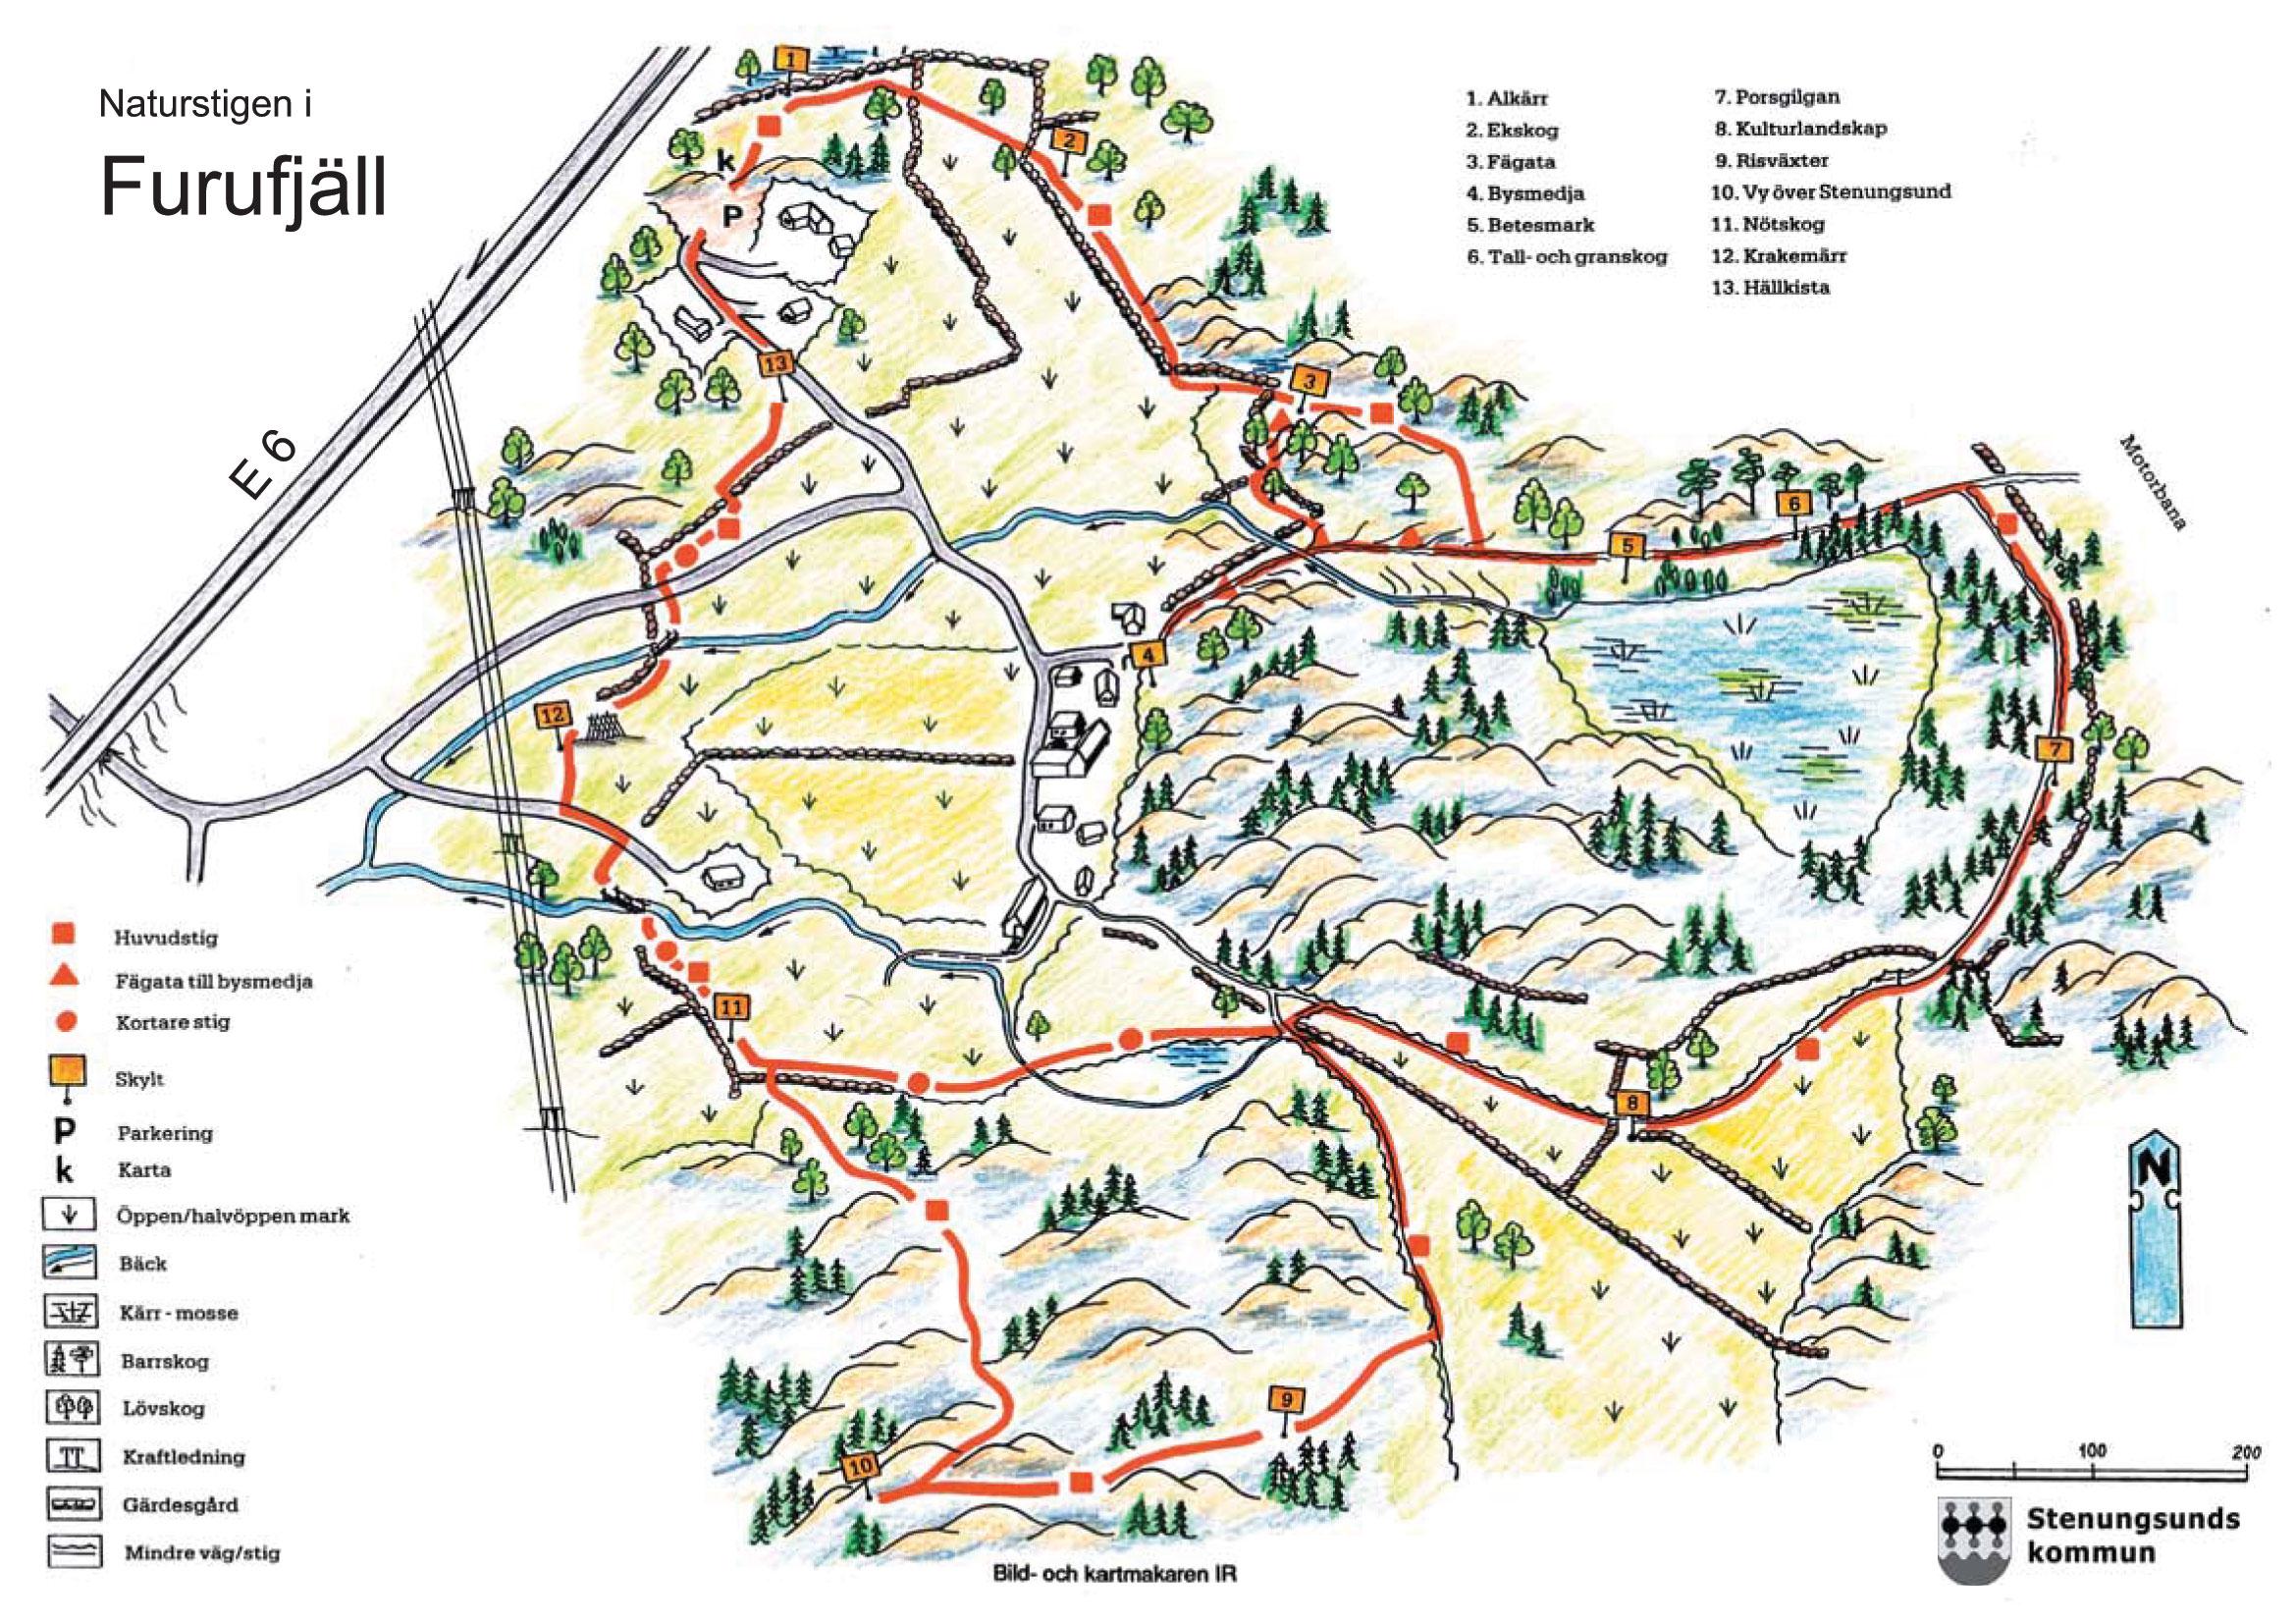 stenungsund karta Naturstigar   Stenungsunds kommun stenungsund karta